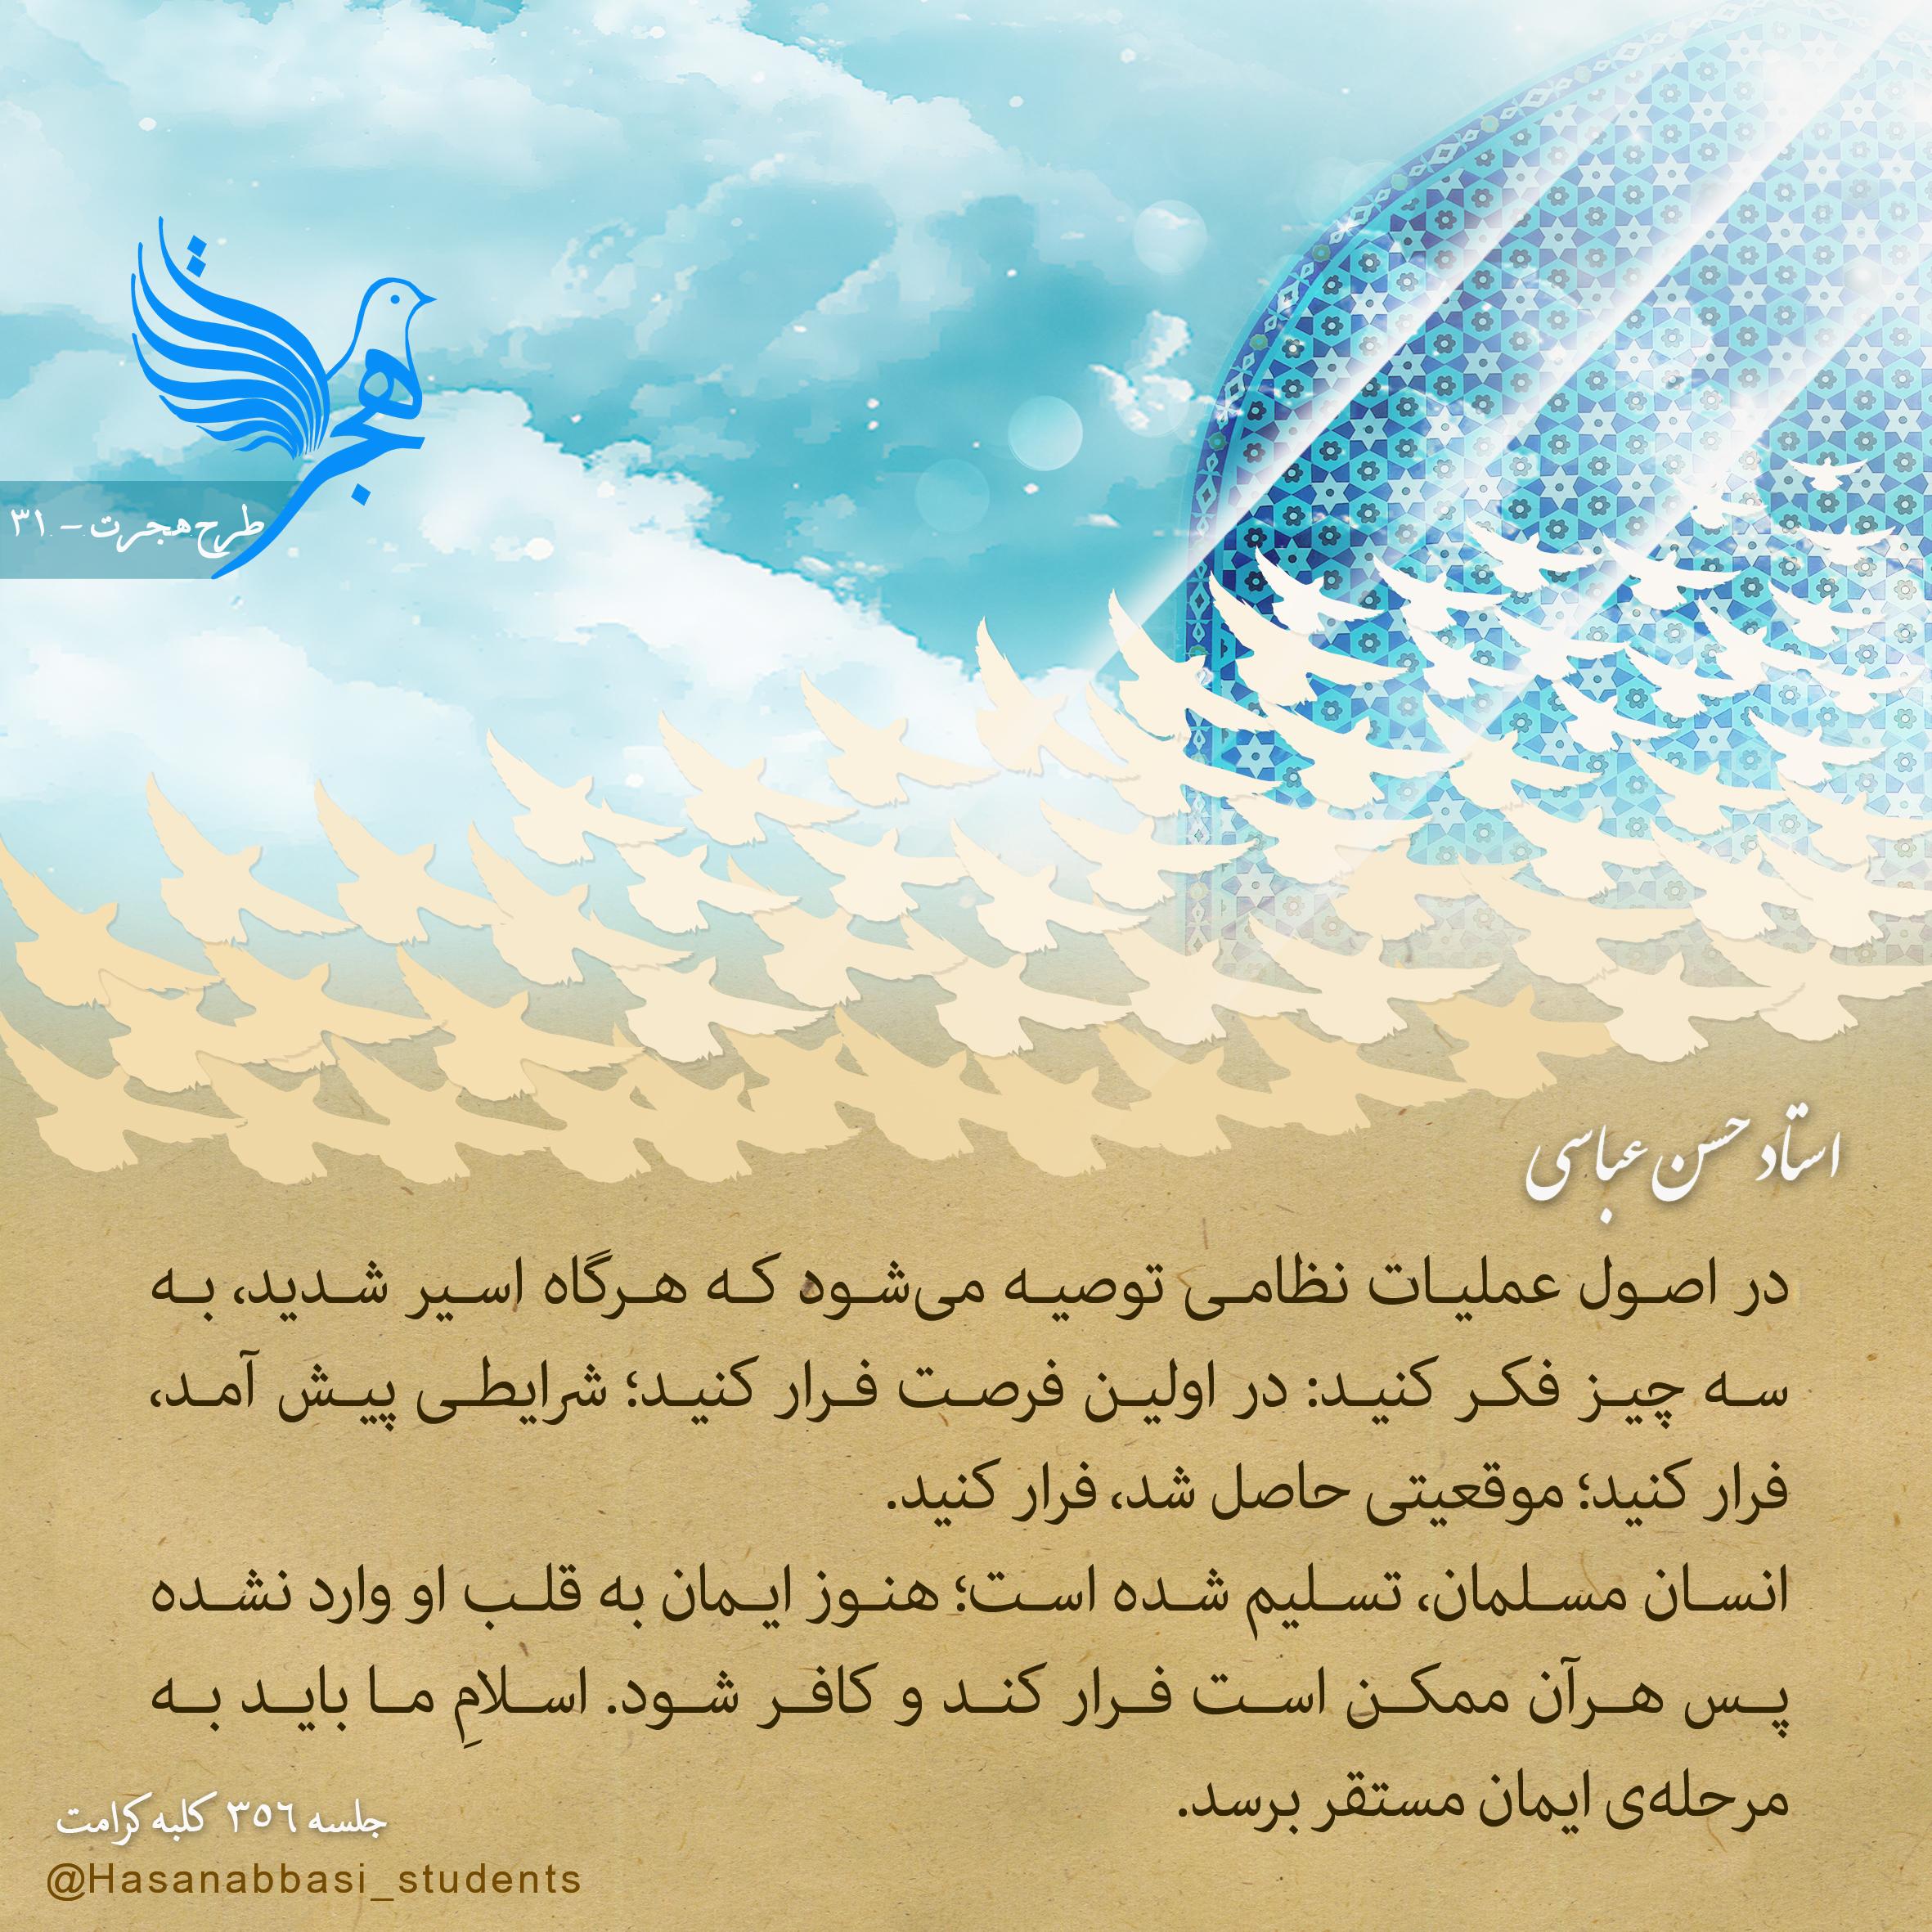 طرح هجرت ۳۱ - «قَالَتِ الأَعْرَابُ آمَنَّا قُلْ لَمْ تُؤْمِنُوا وَلَکِنْ قُولُوا أَسْلَمْنَا وَلَمَّا یَدْخُلِ الإِیمَانُ فِی قُلُوبِکُمْ»